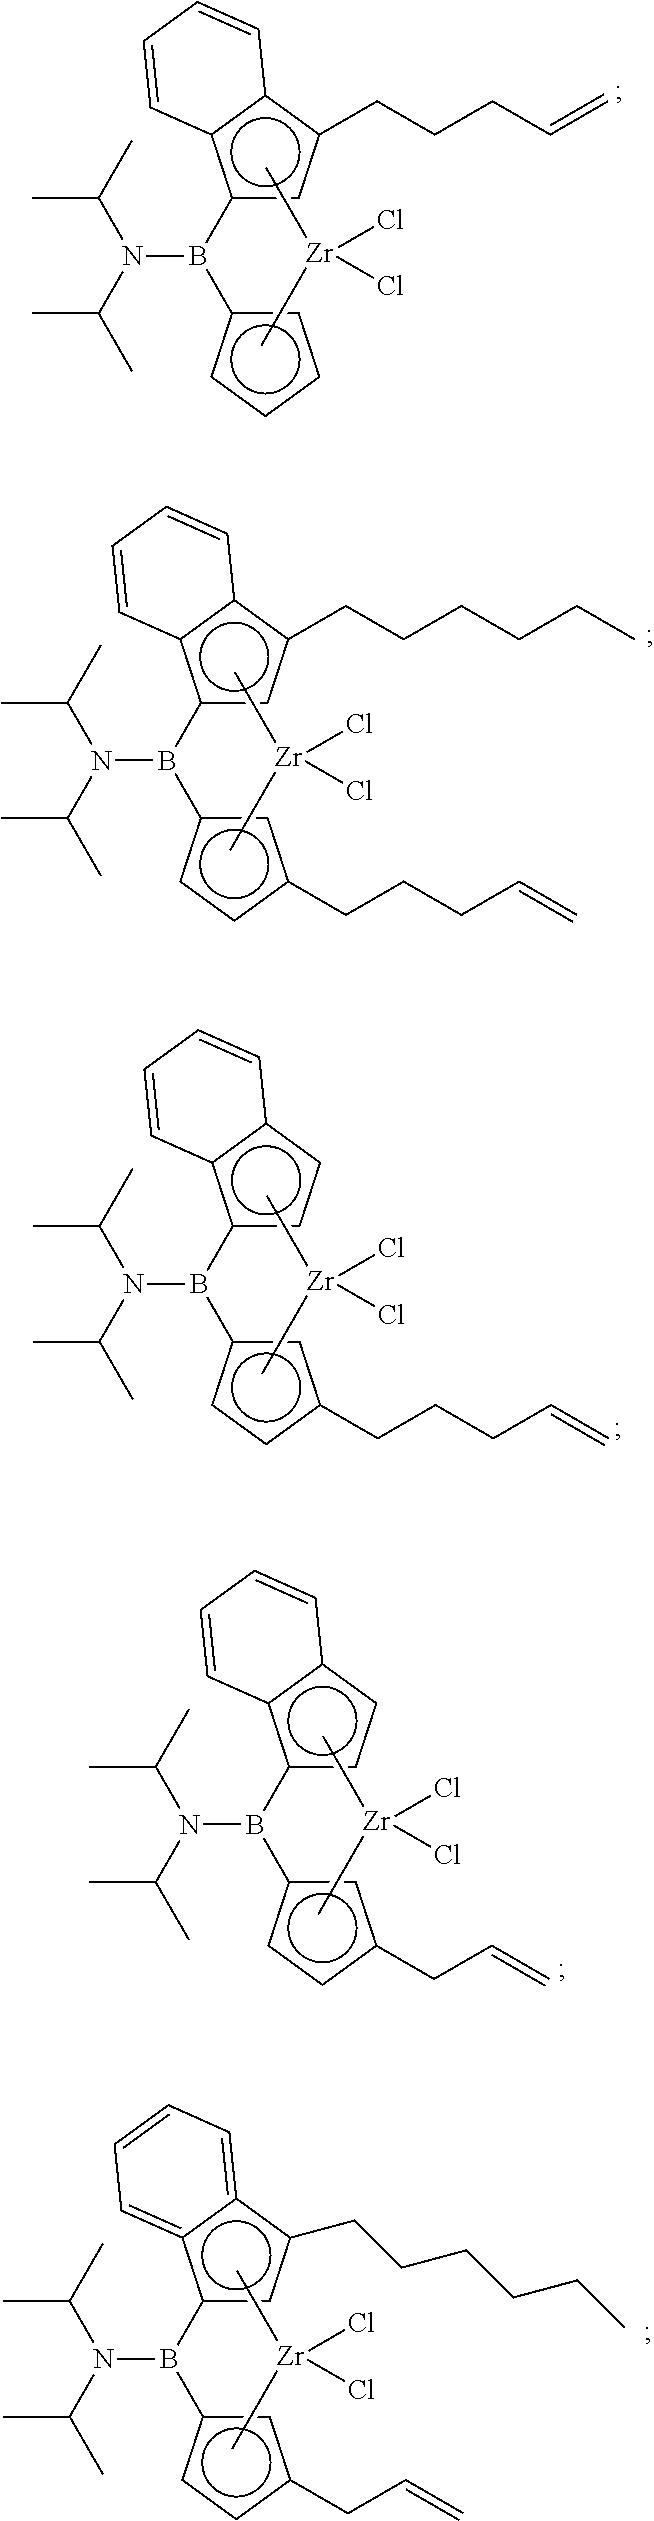 Figure US09574031-20170221-C00002